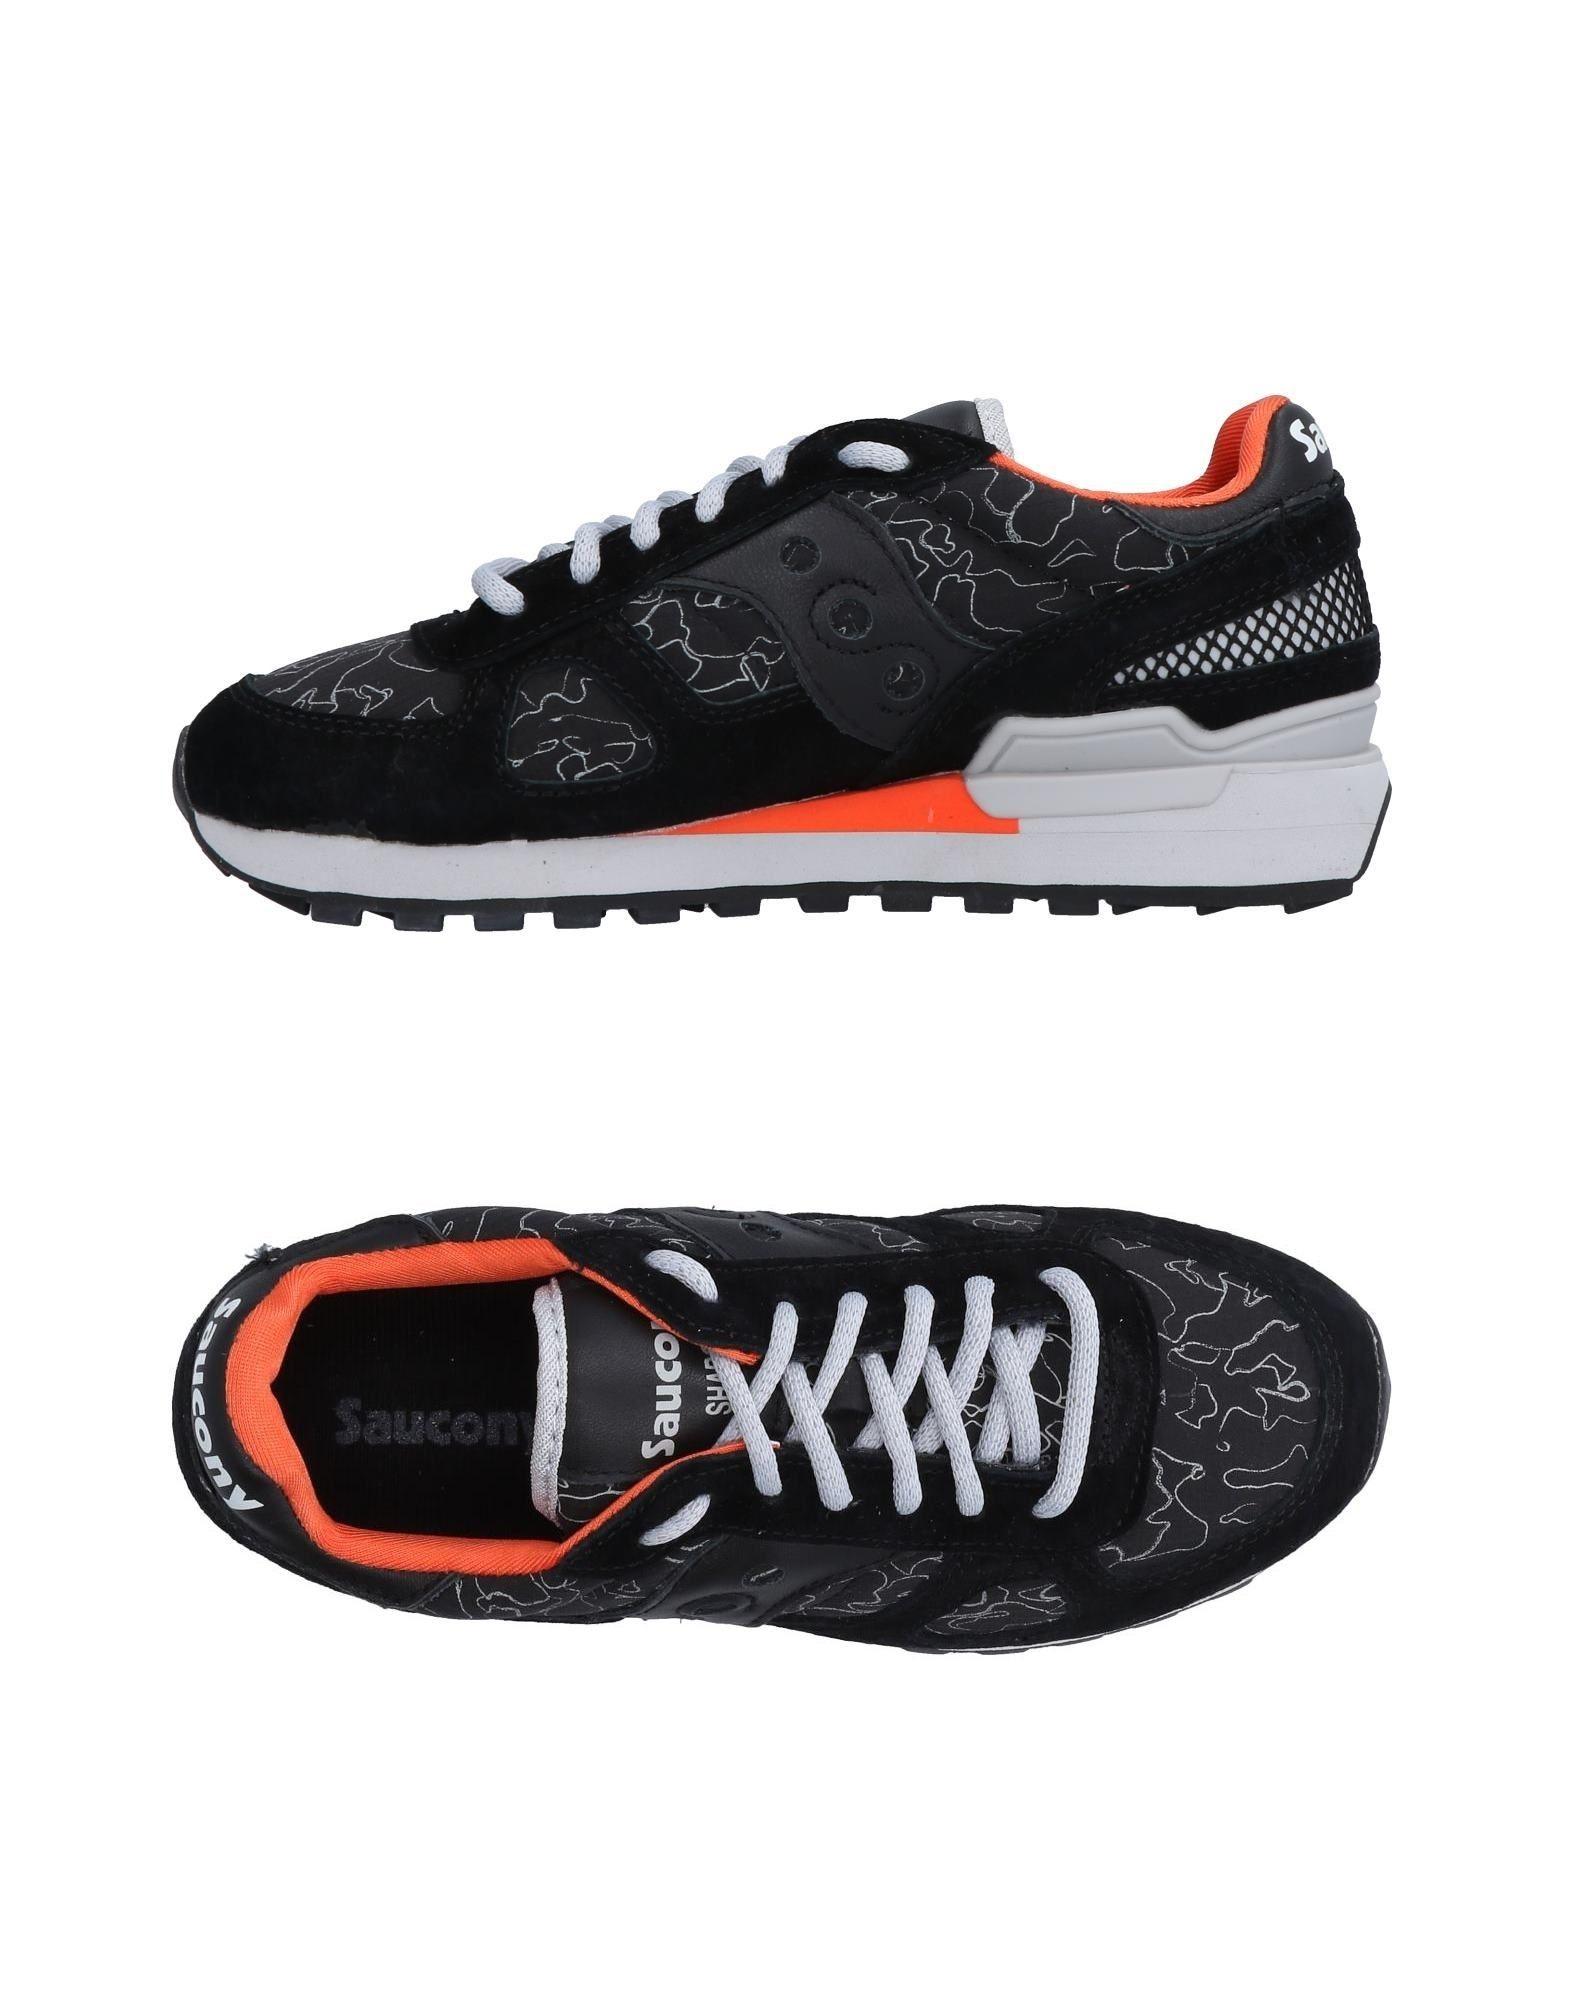 Saucony Sneakers Damen Gutes Preis-Leistungs-Verhältnis, Preis-Leistungs-Verhältnis, Preis-Leistungs-Verhältnis, es lohnt sich 194a21